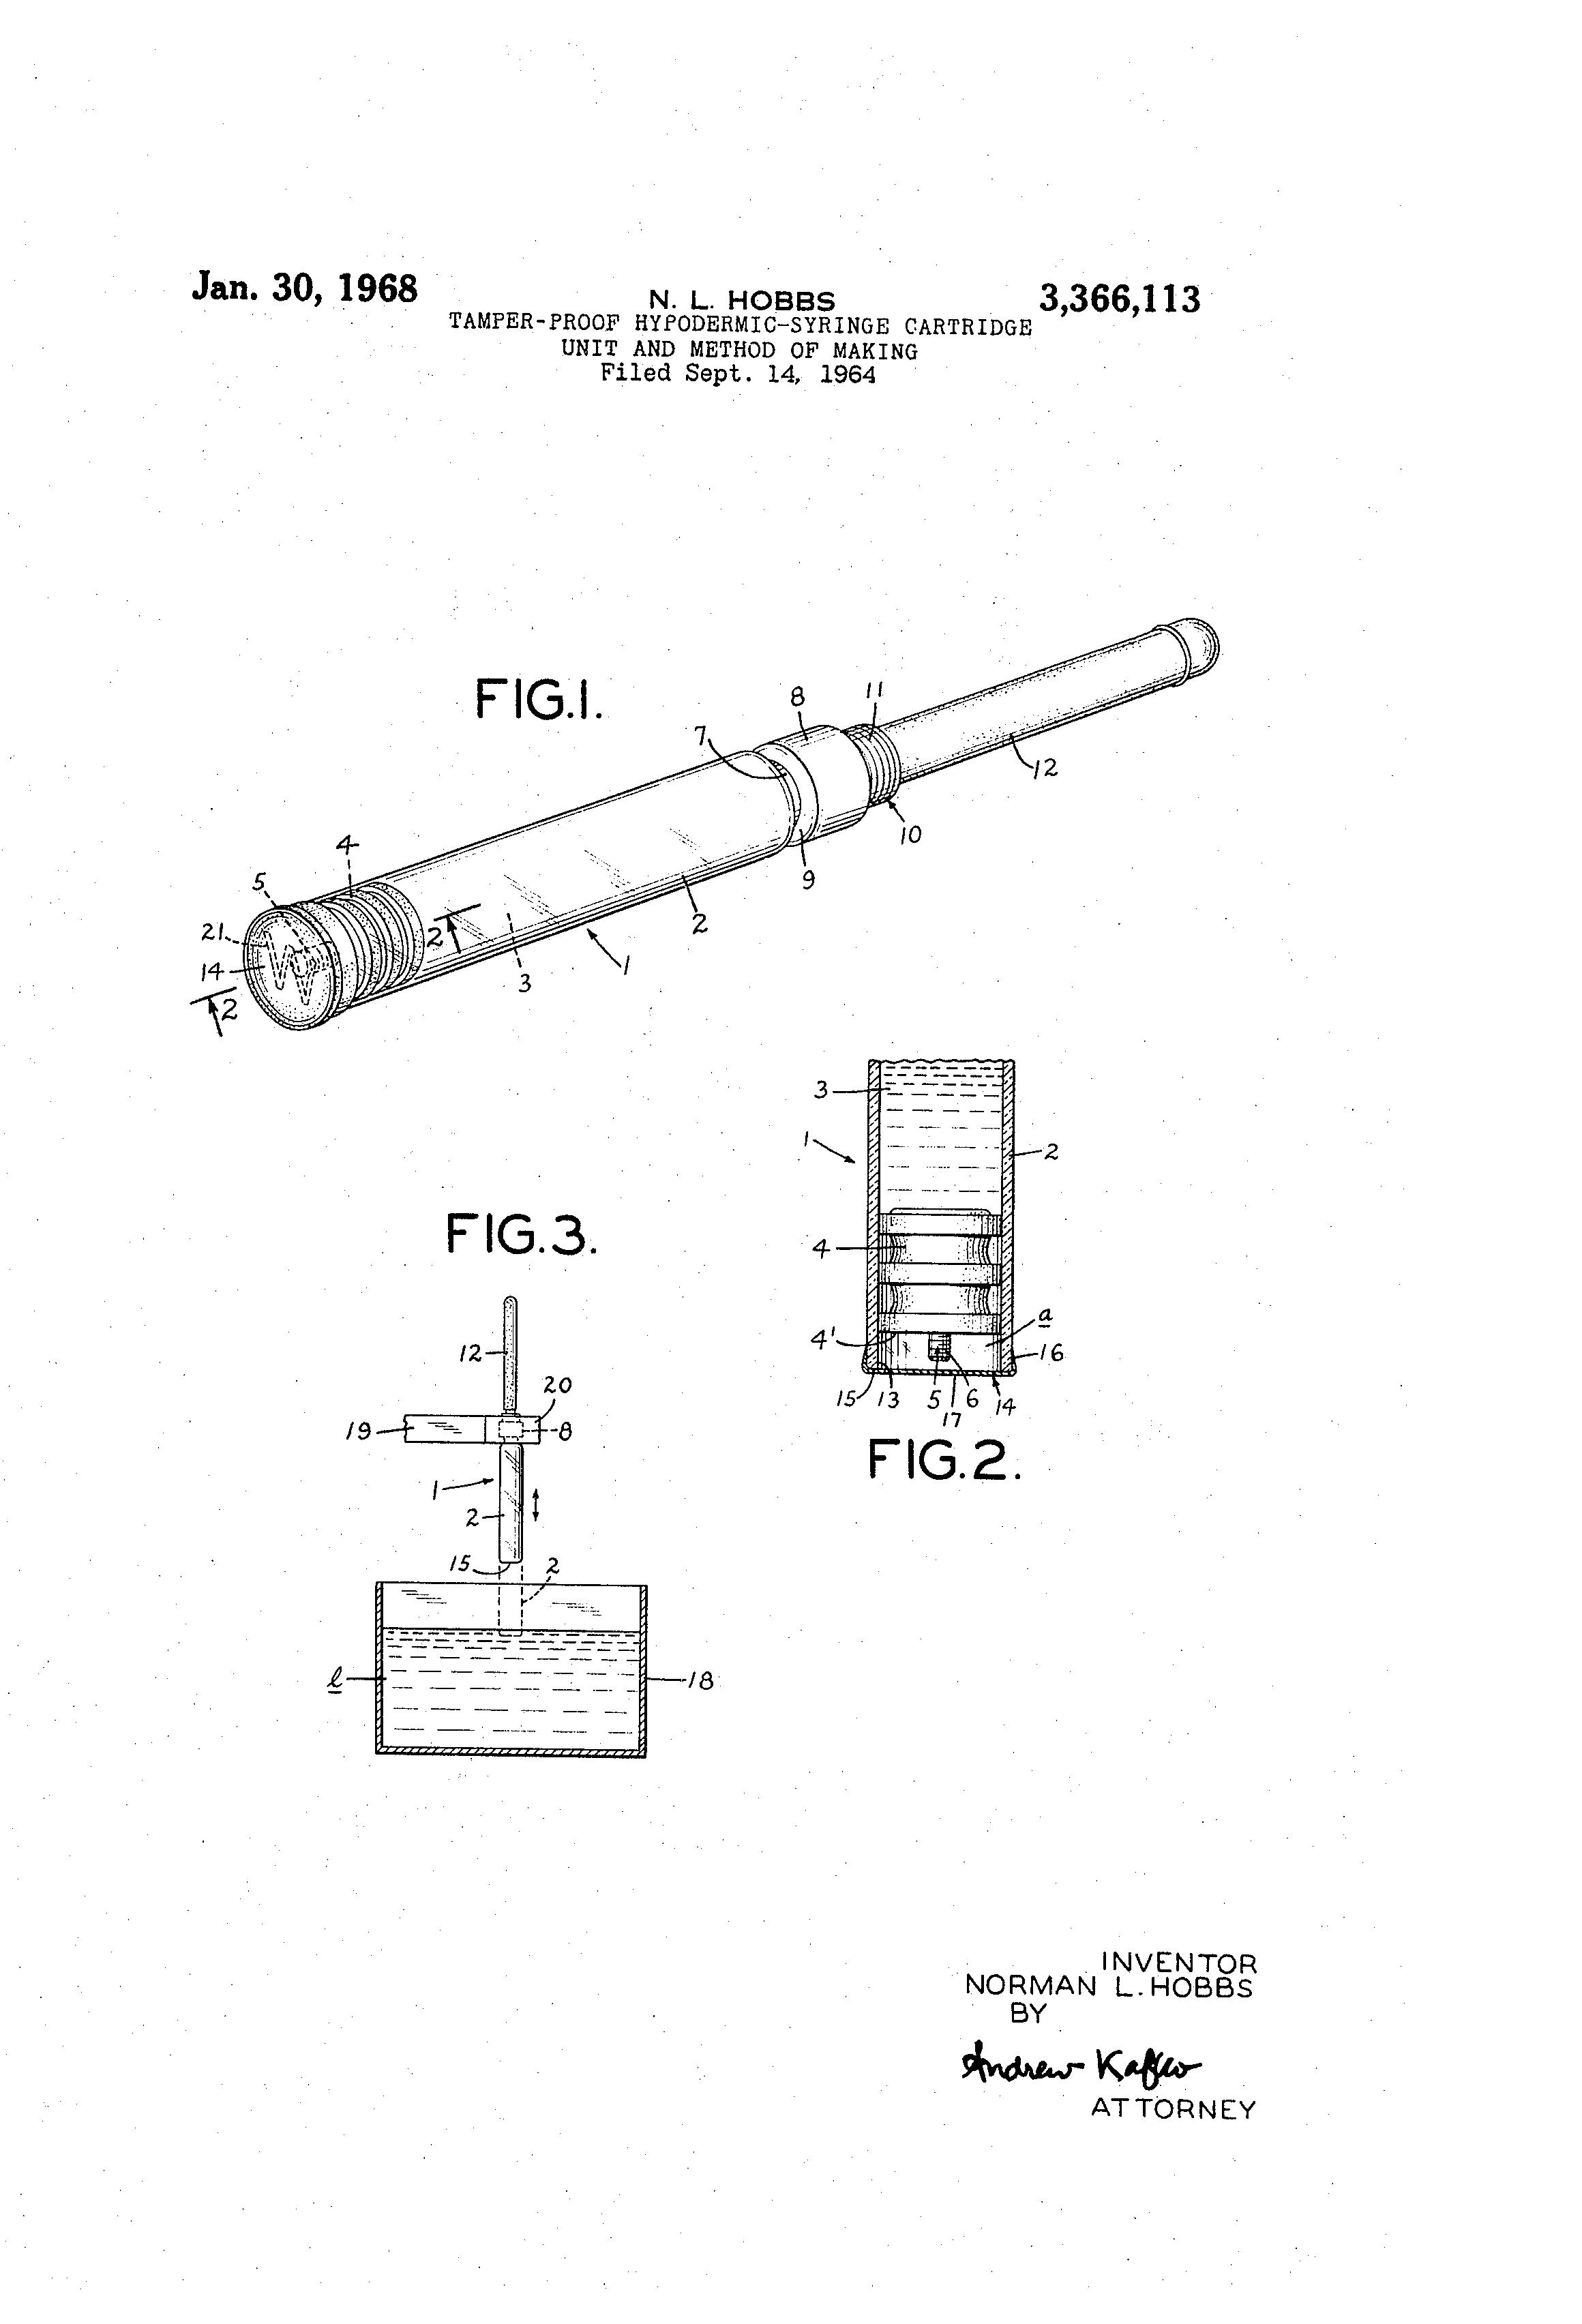 Brevet US3366113 - Tamper-proof hypodermic-syringe cartridge unit